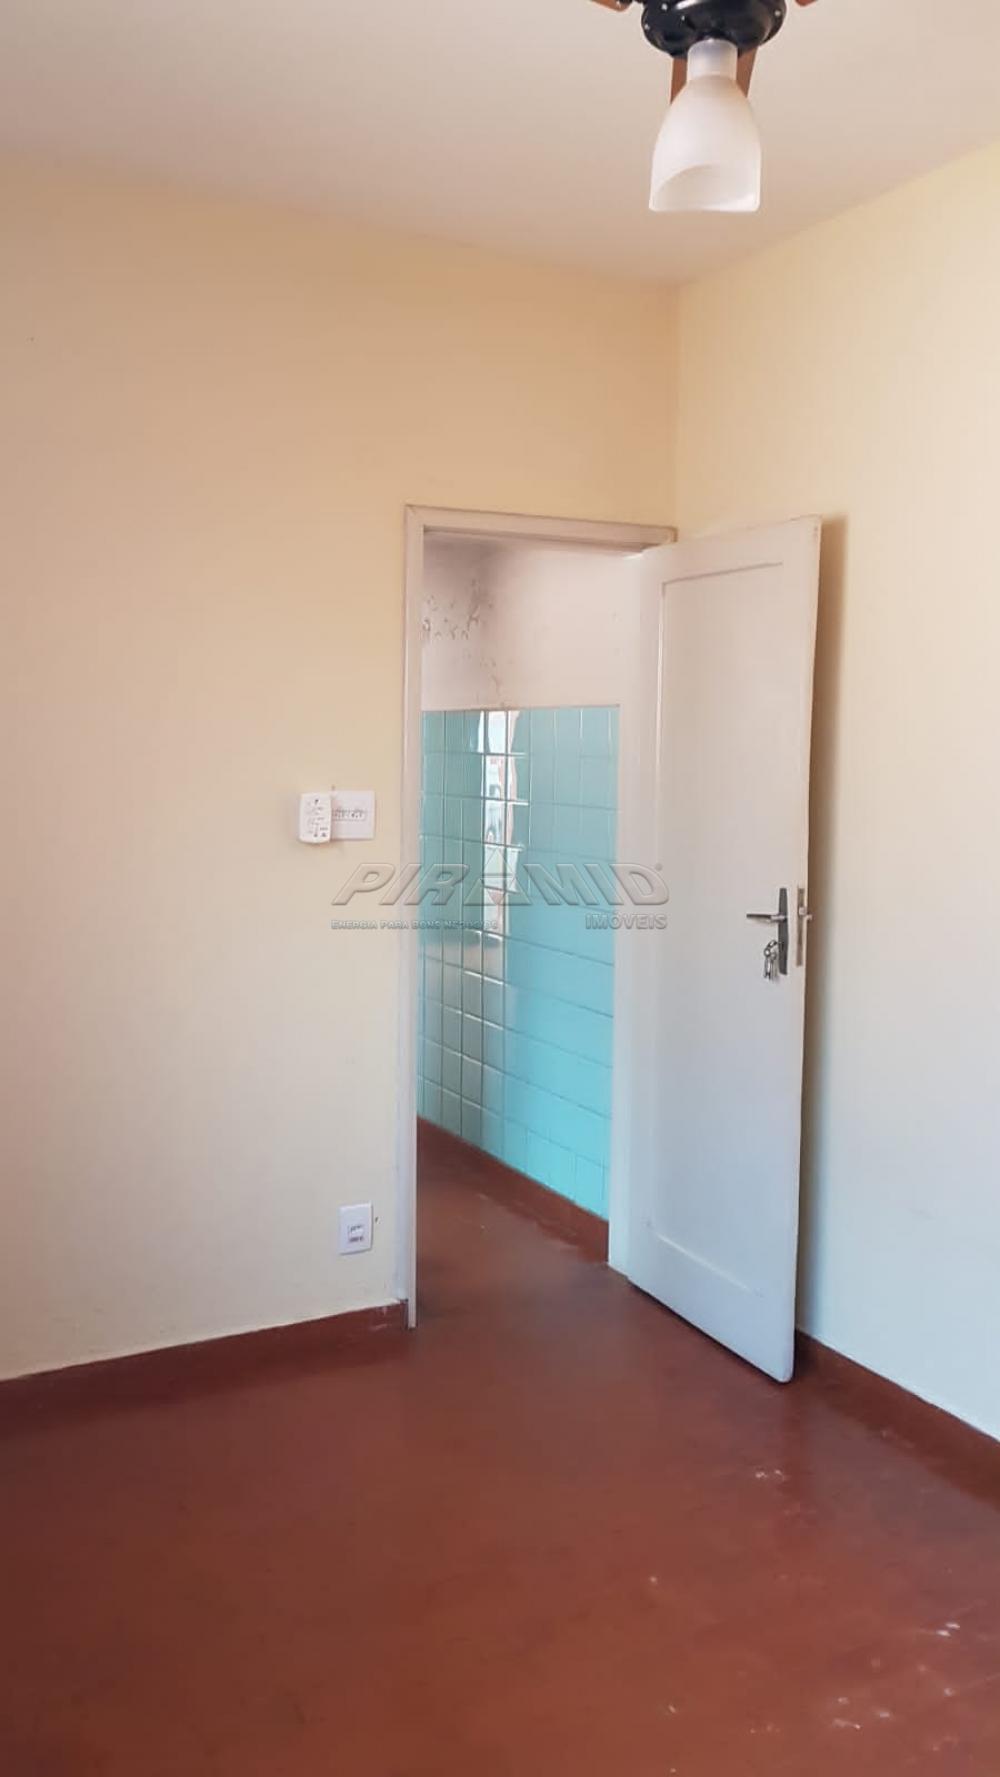 Comprar Casa / Padrão em Ribeirão Preto R$ 850.000,00 - Foto 16